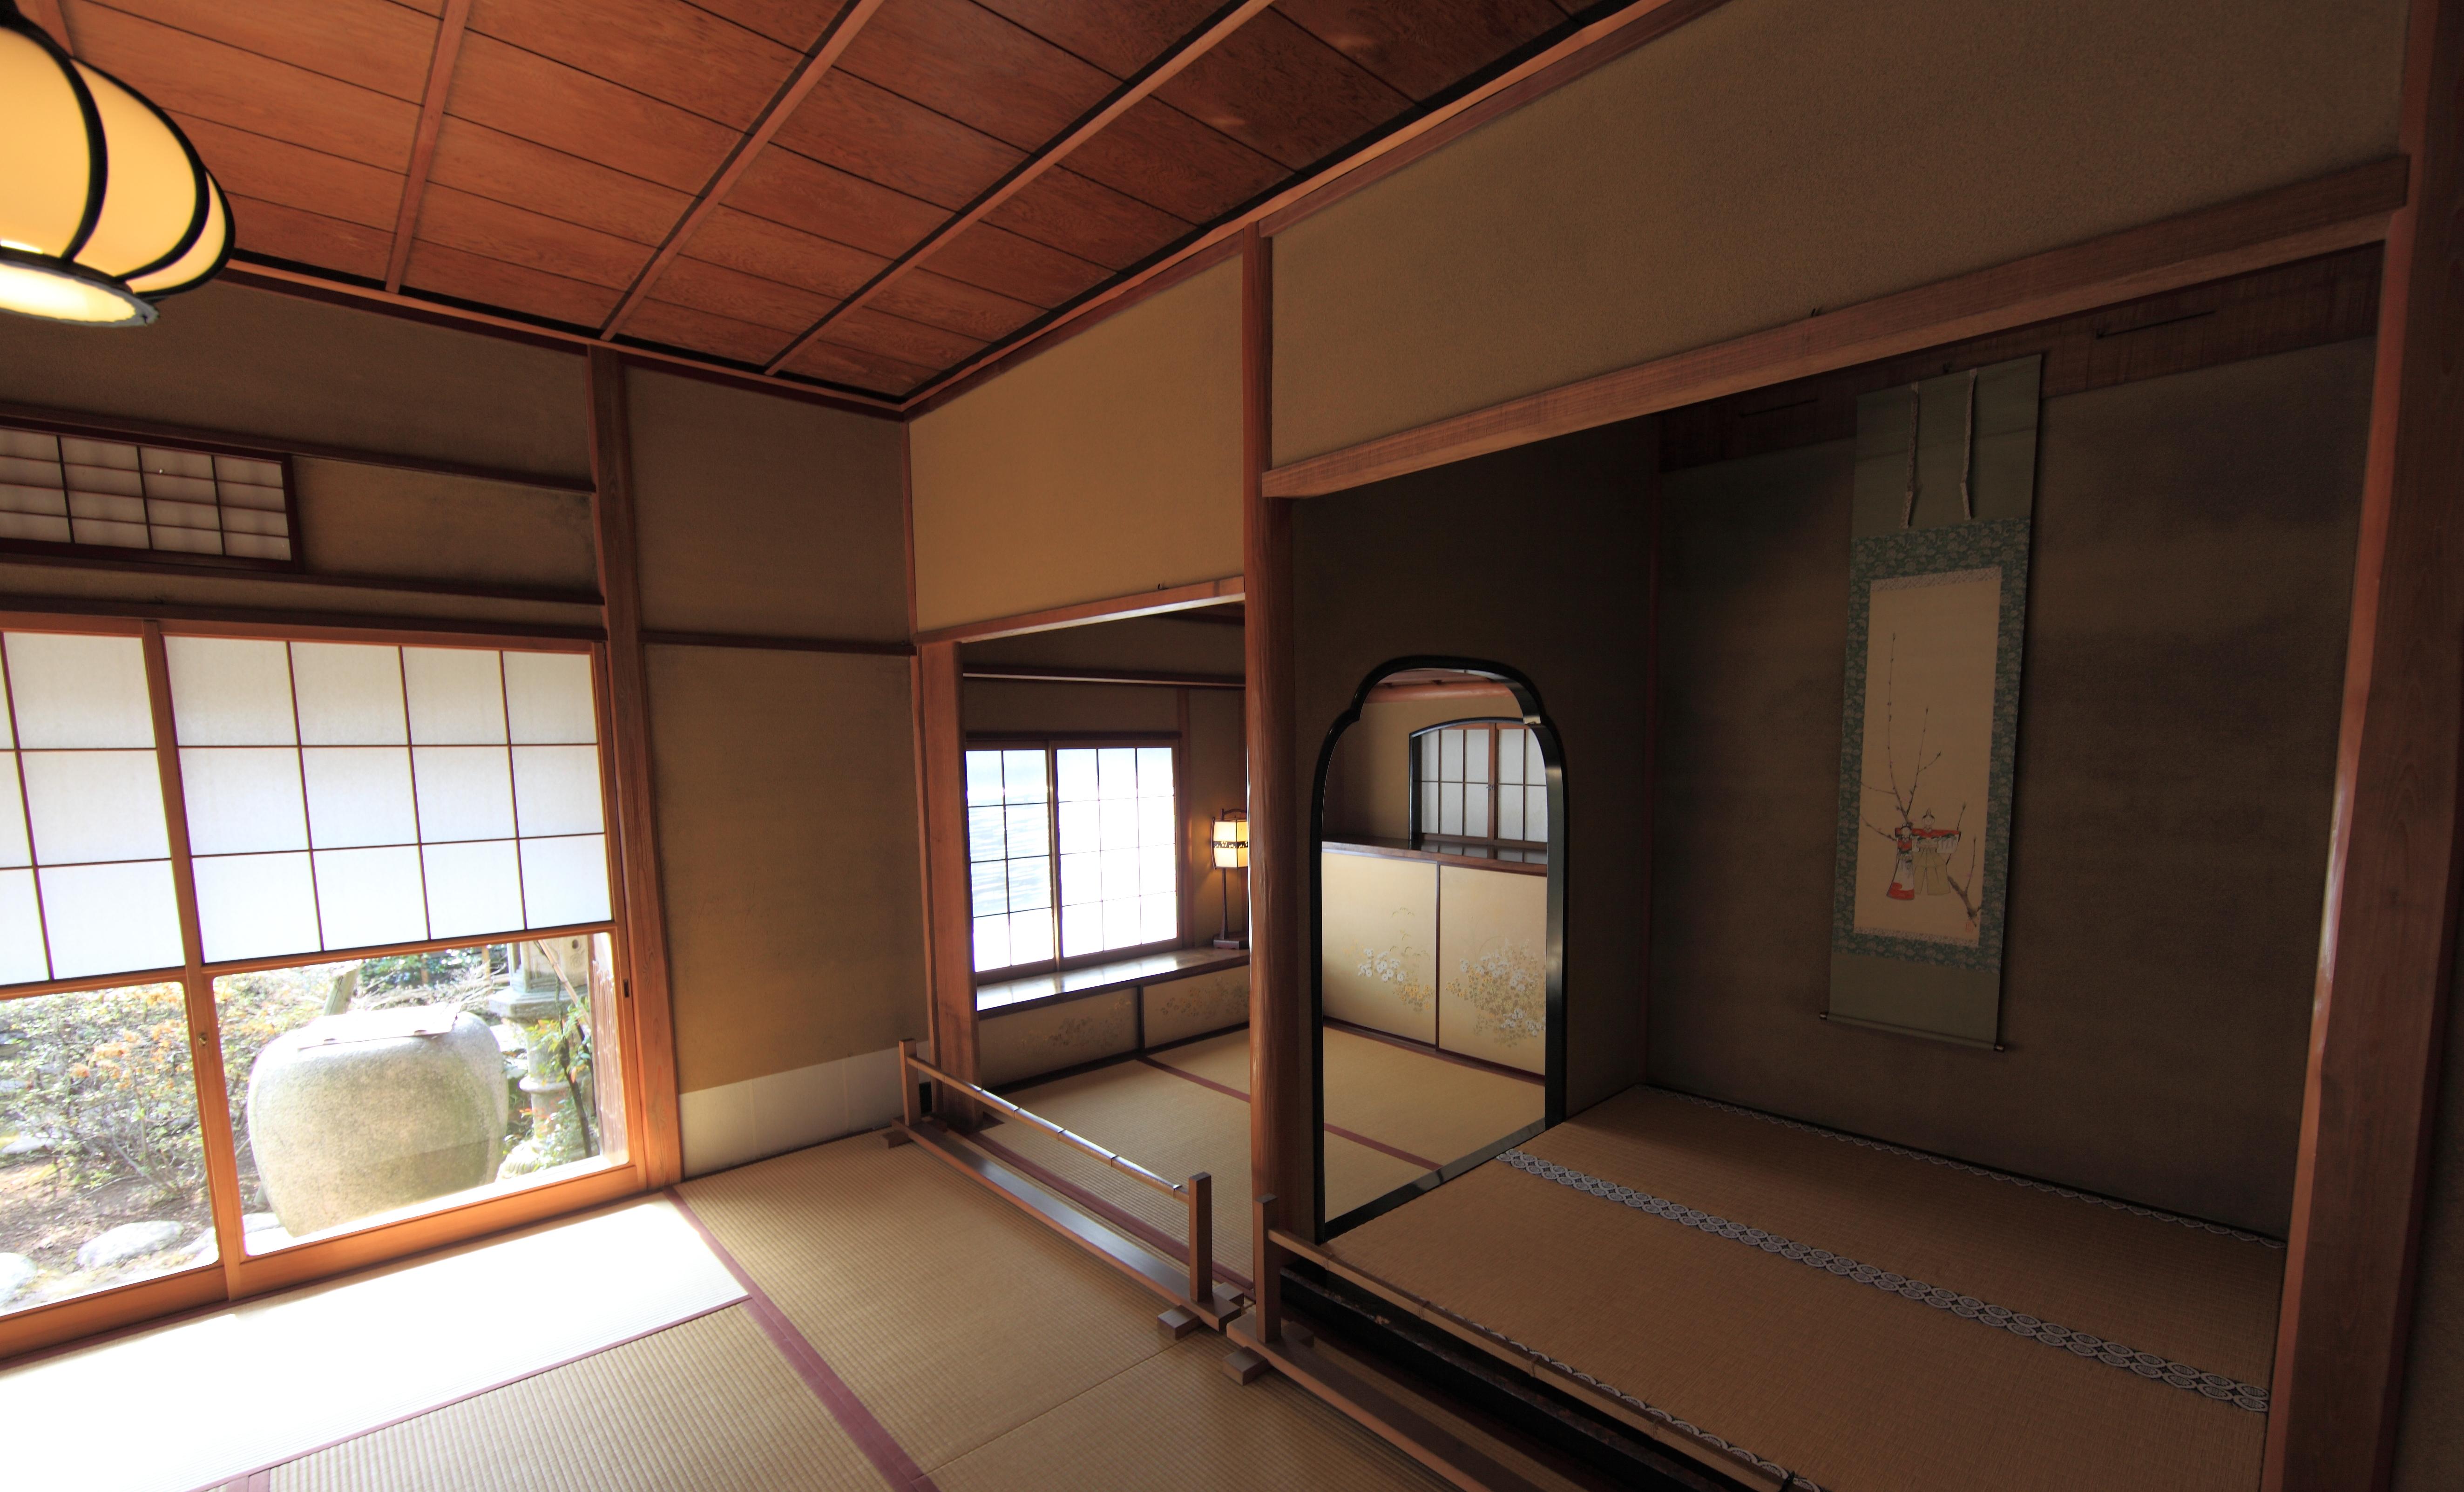 Interieur Maison Japonaise Traditionnelle images gratuites : maison, intérieur, plafond, haute, musée